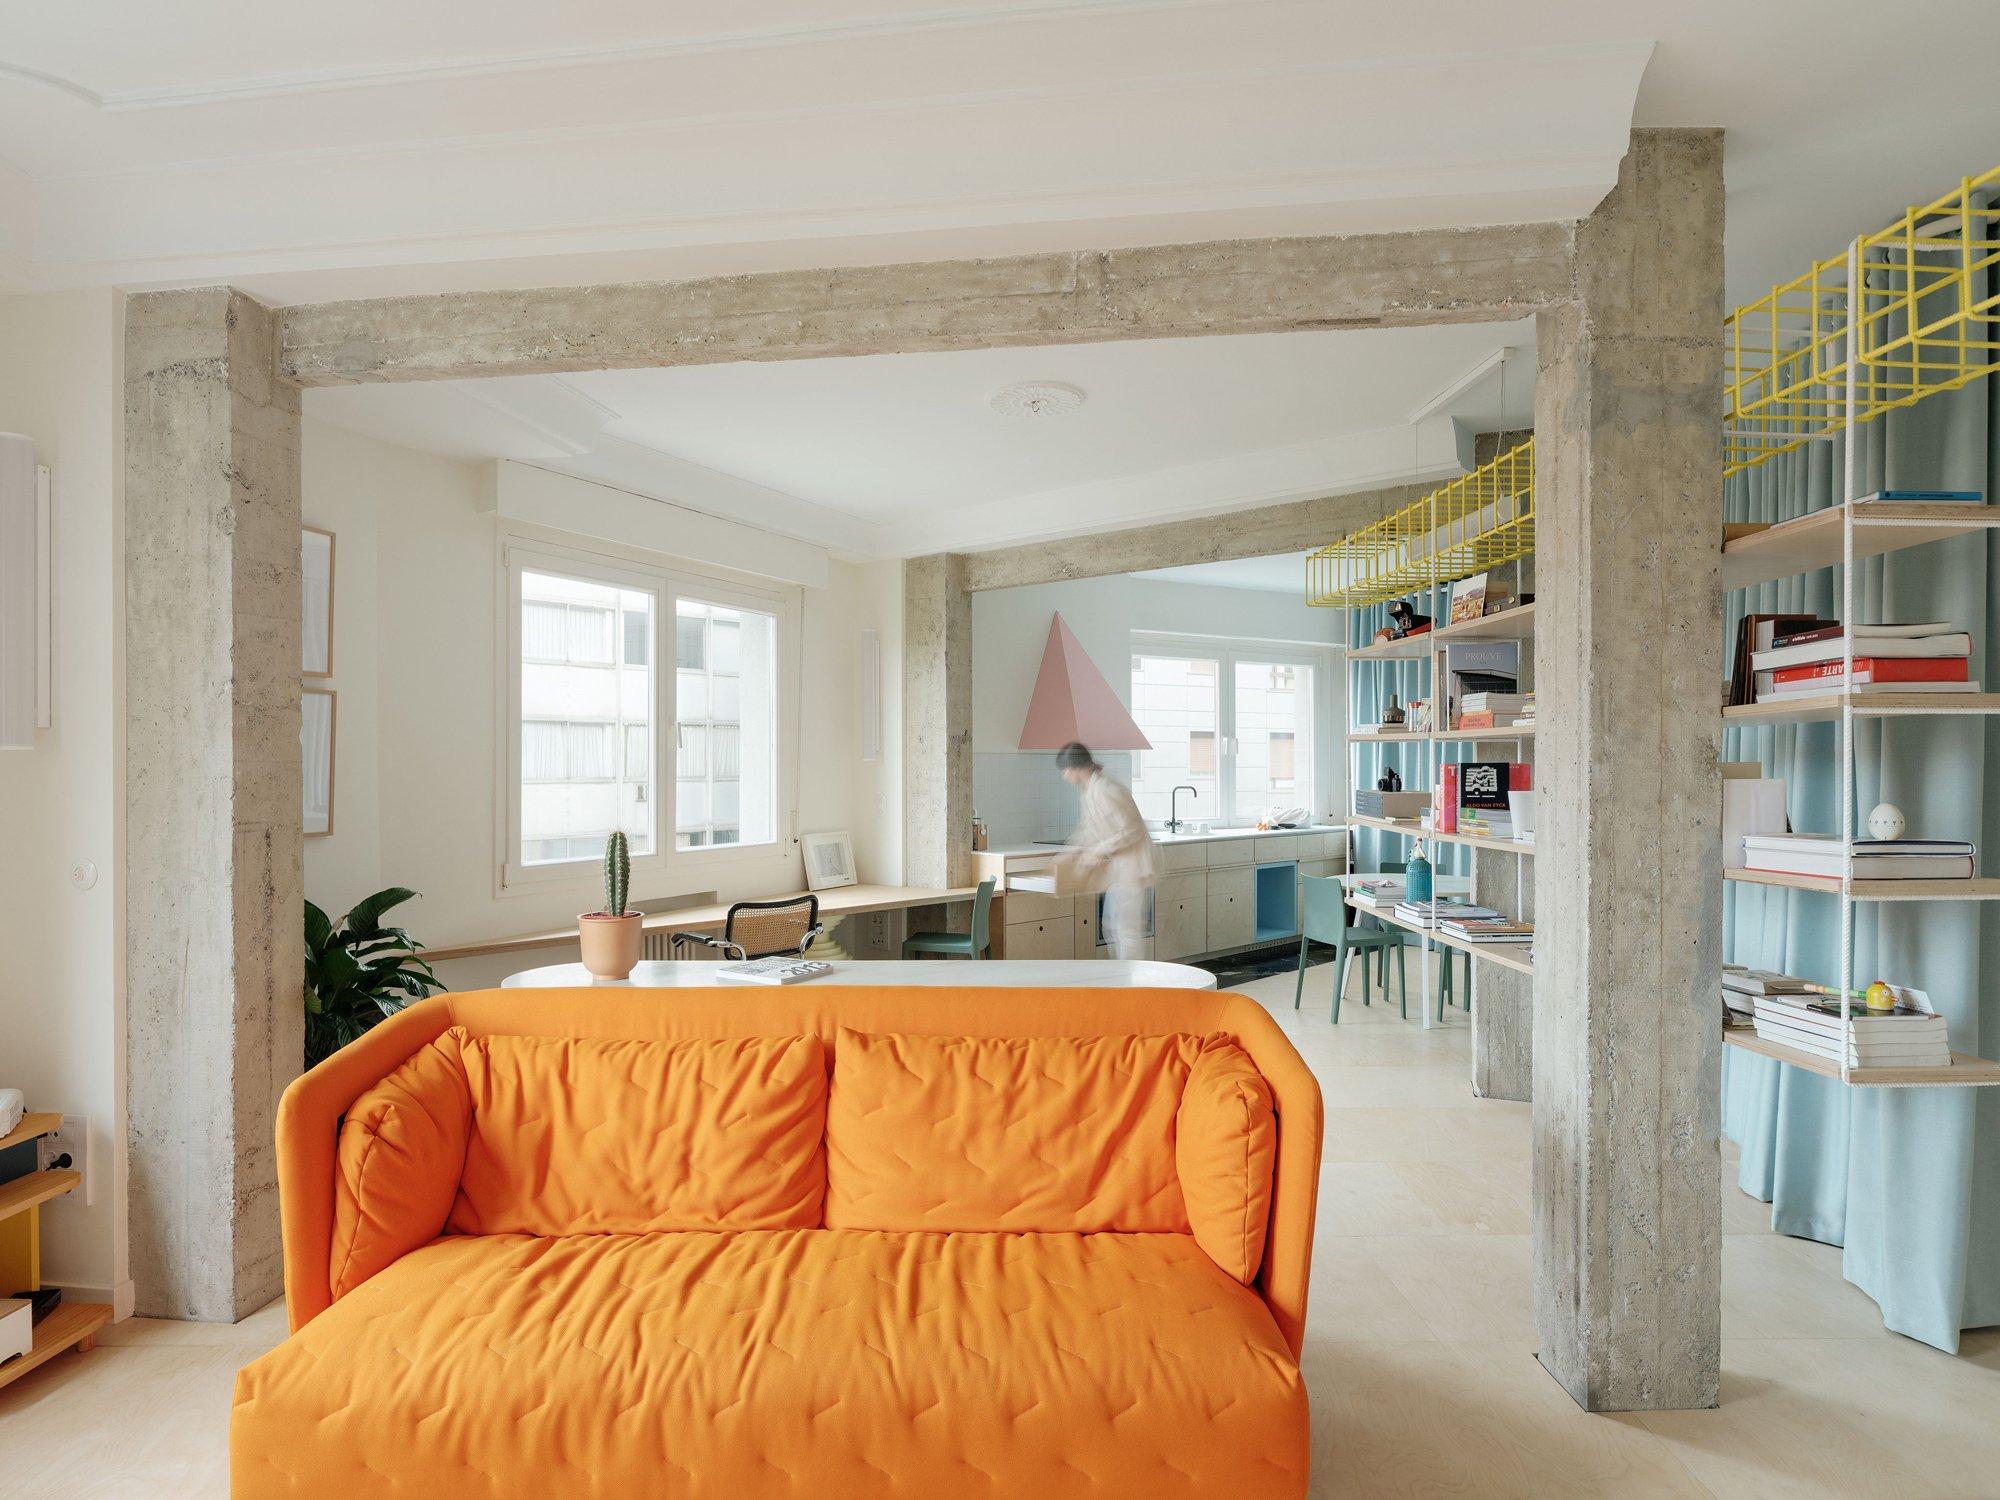 Ein Hingucker ist das orangefarbene Sofa in der Mitte des Wohnzimmers.